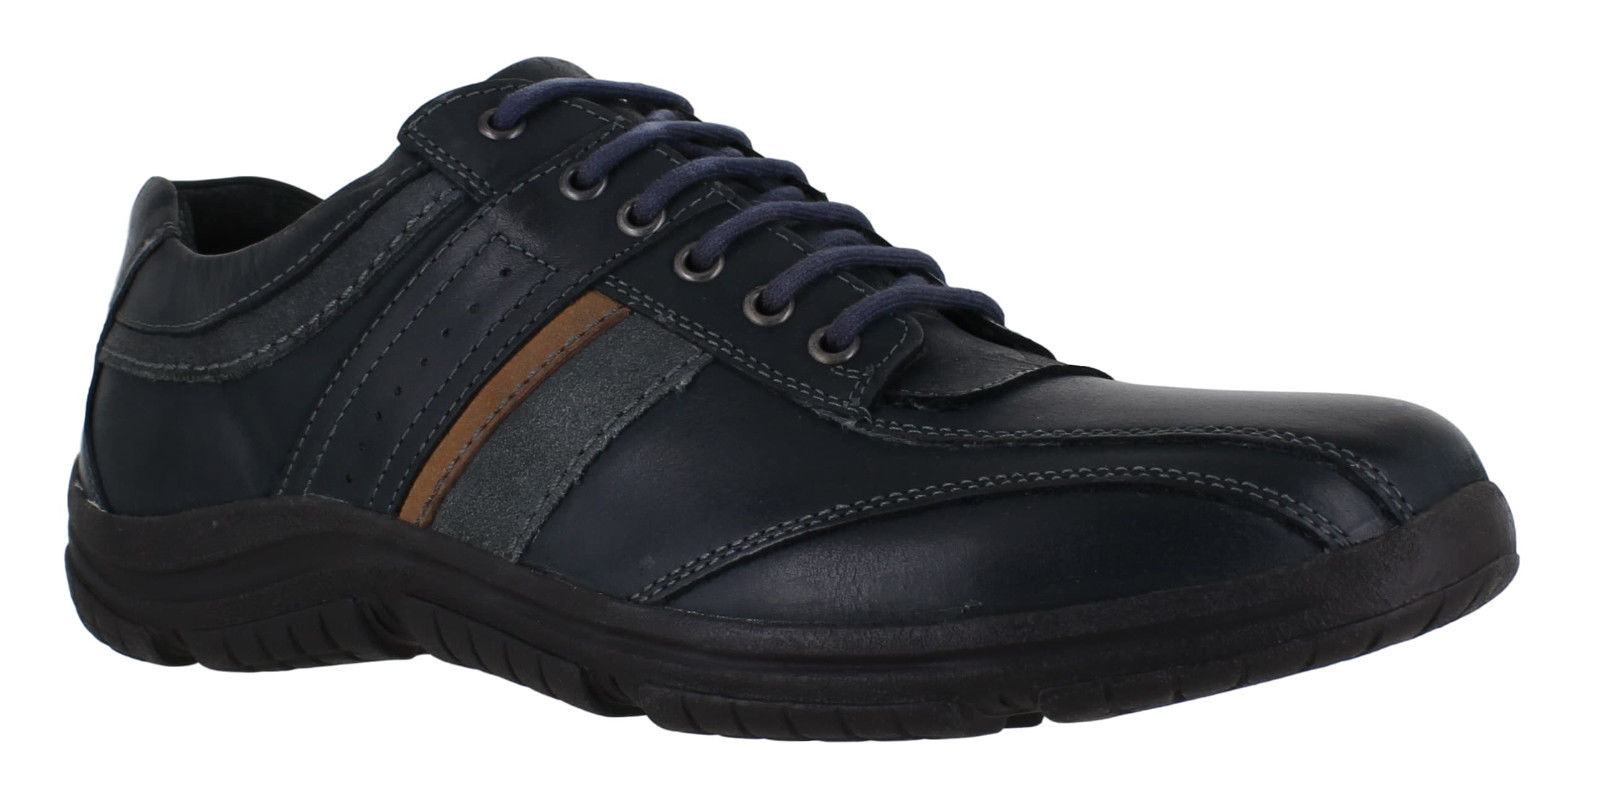 bb02ca5324e Zapatos zapatillas de cuero elegante Casual Hush Puppies Thalia Percy para hombre  azul encaje